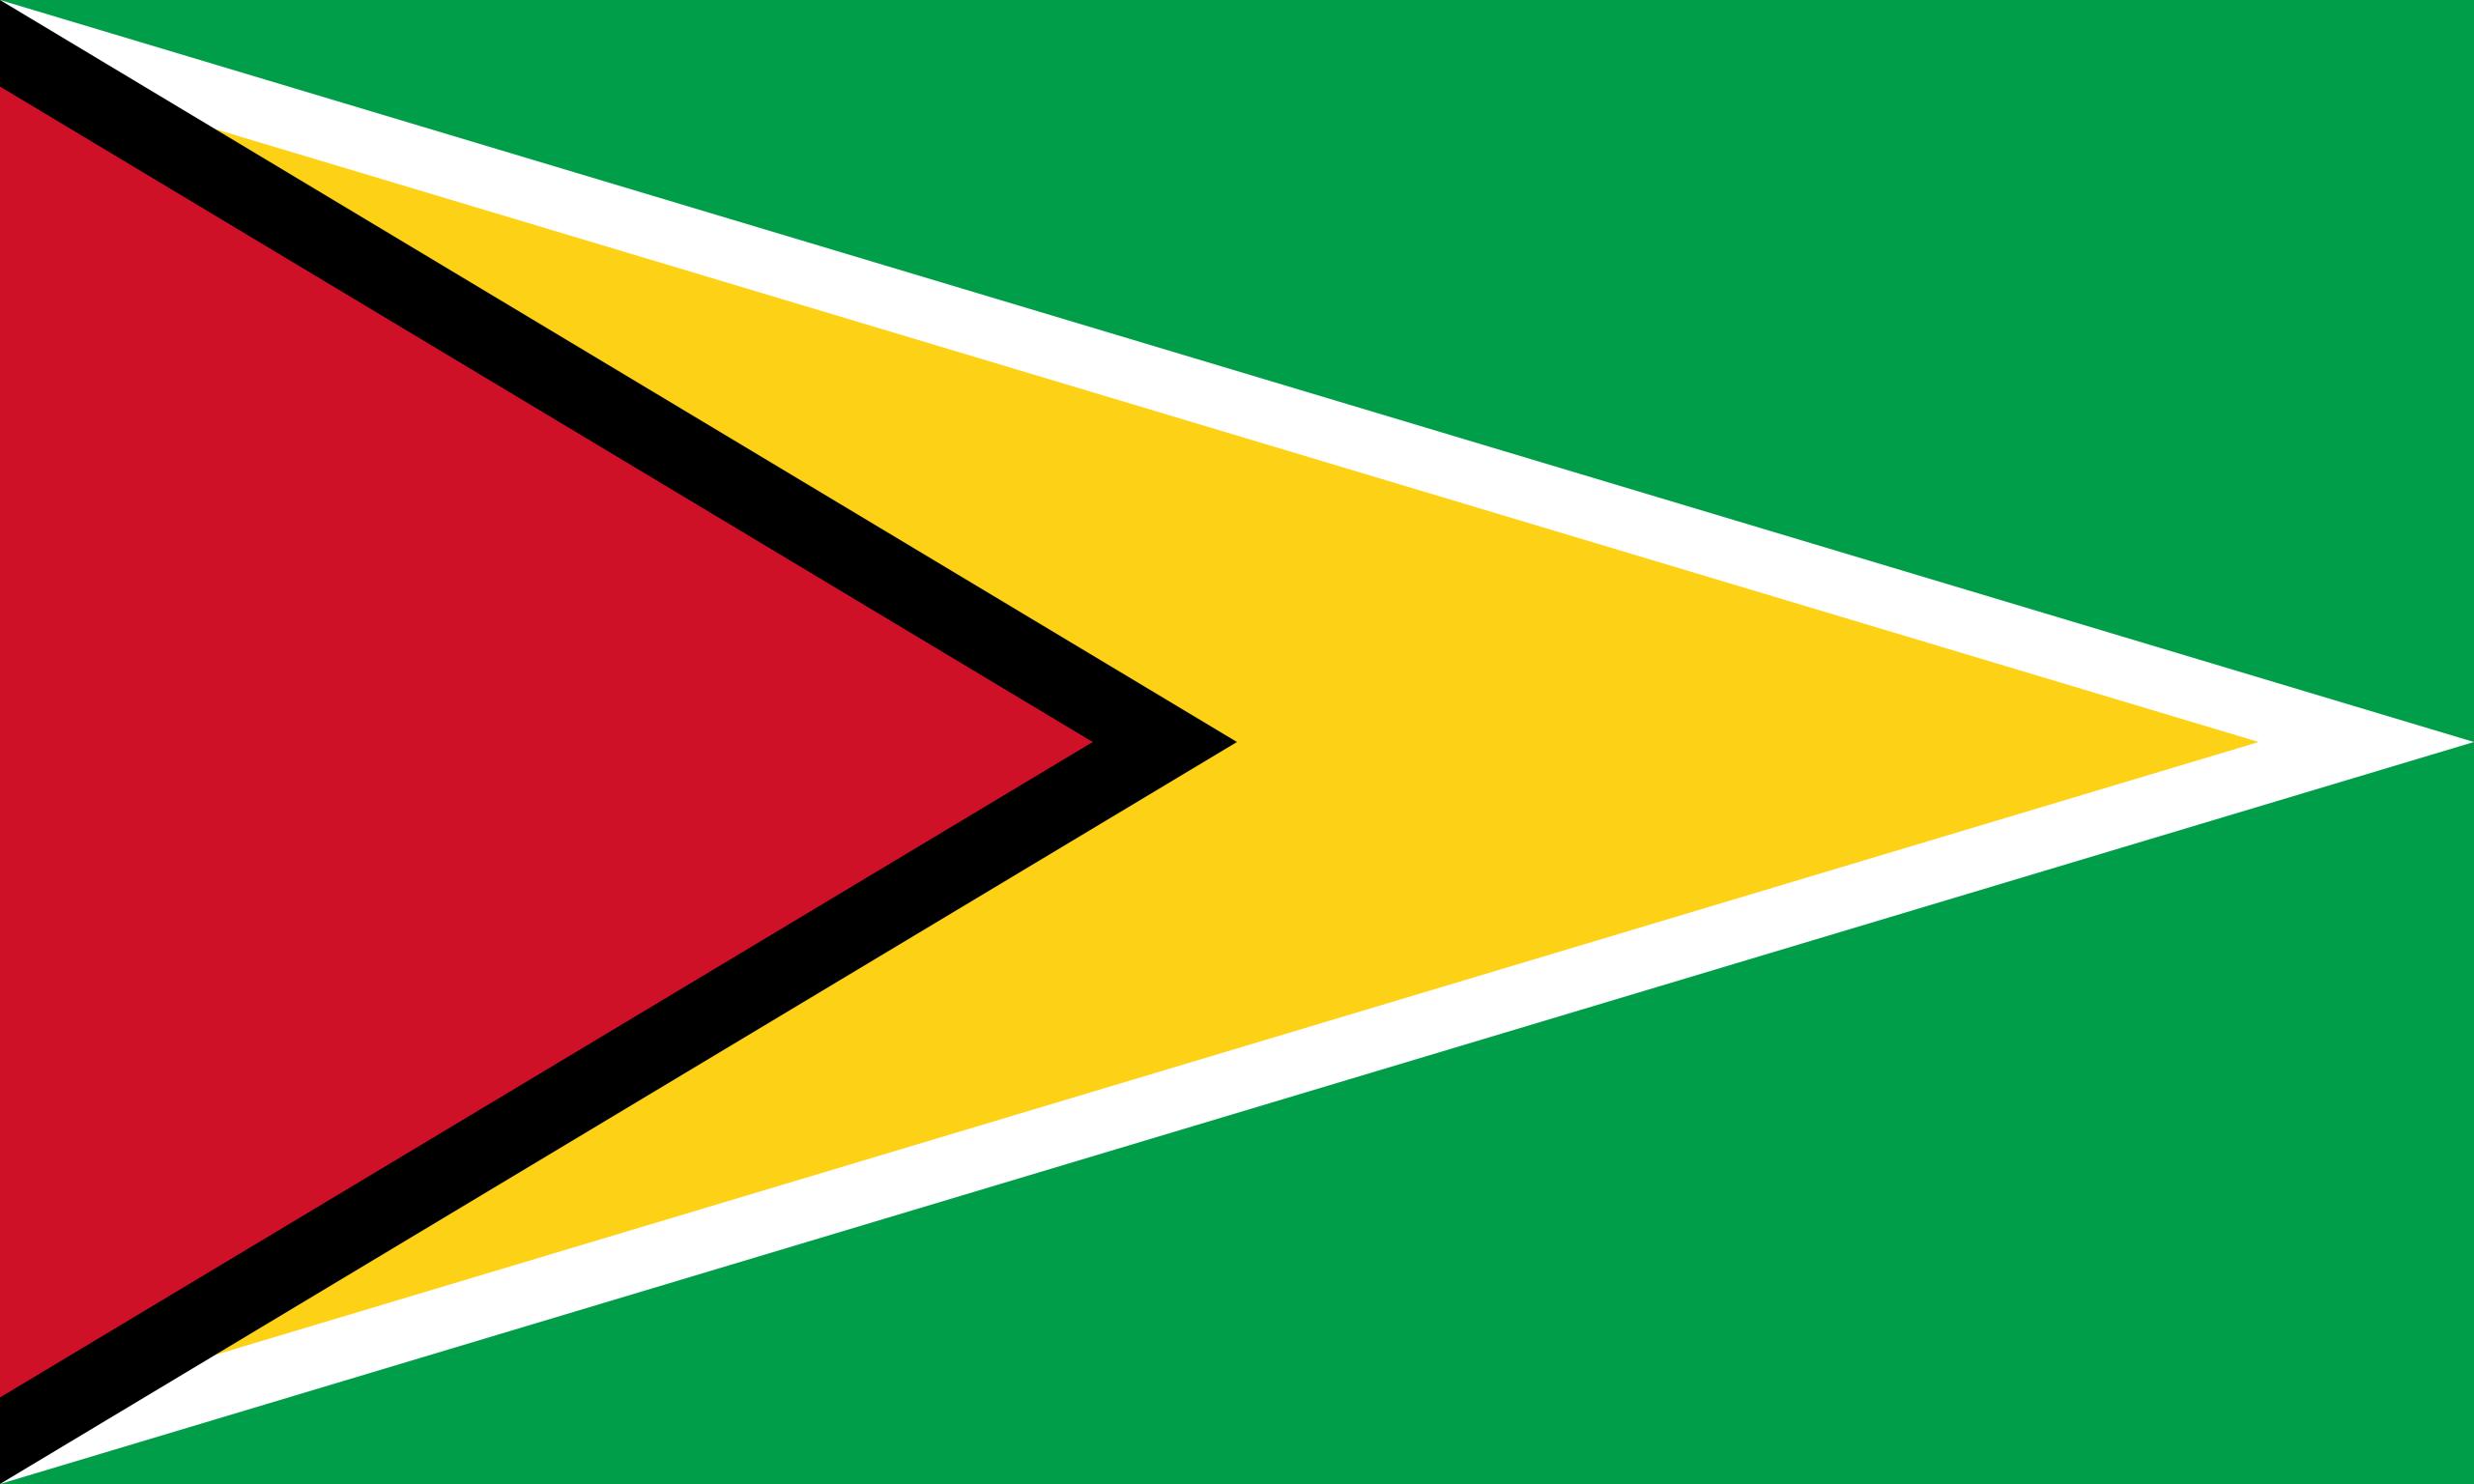 Гайана, страна, Эмблема, логотип, символ - Обои HD - Профессор falken.com